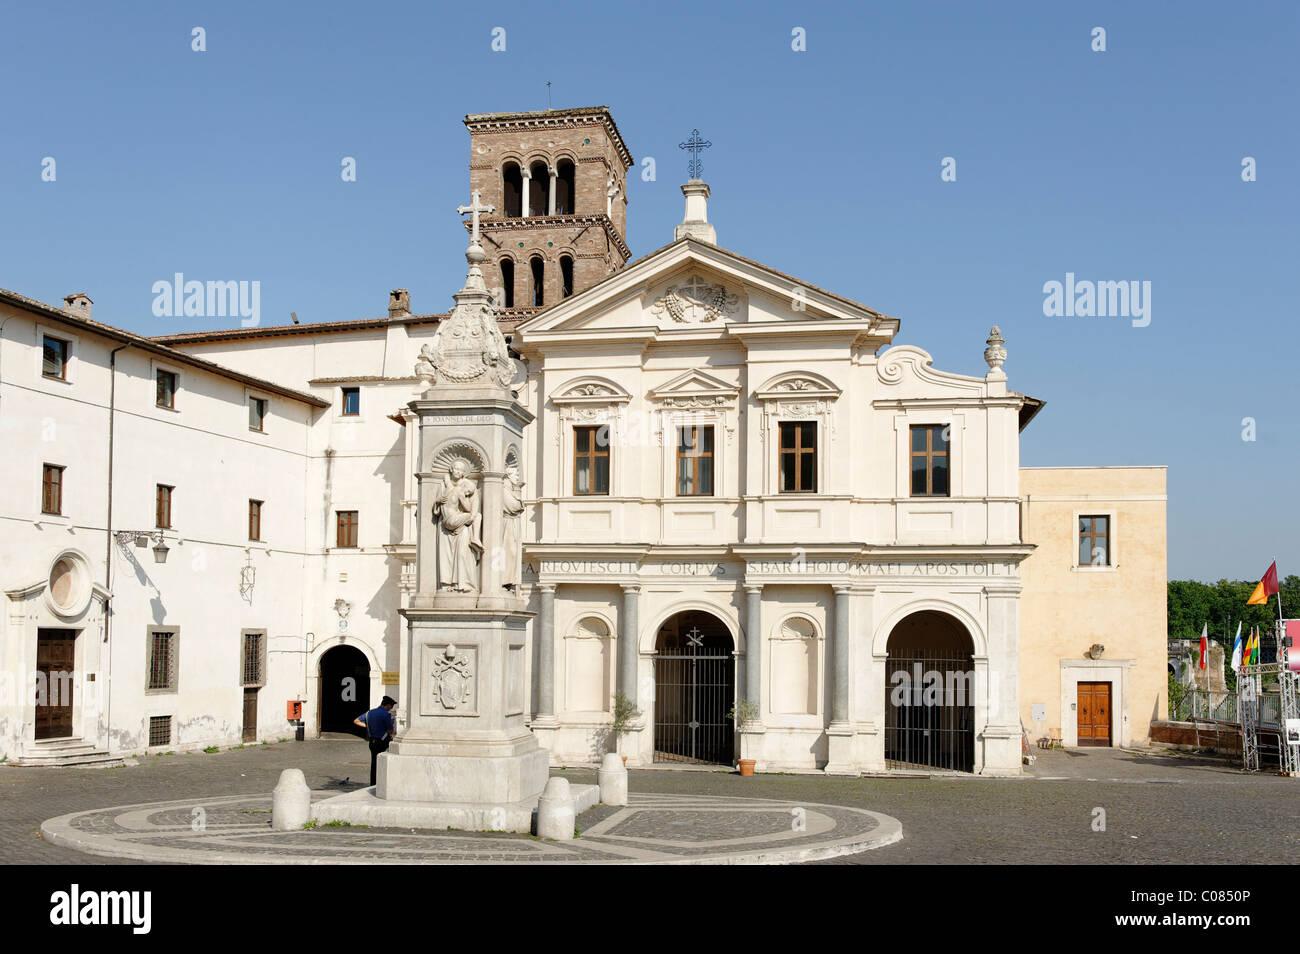 Tiber island, Isola Tiberina, San Bartolomeo all'Isola church, Rome, Italy, Europe Stock Photo